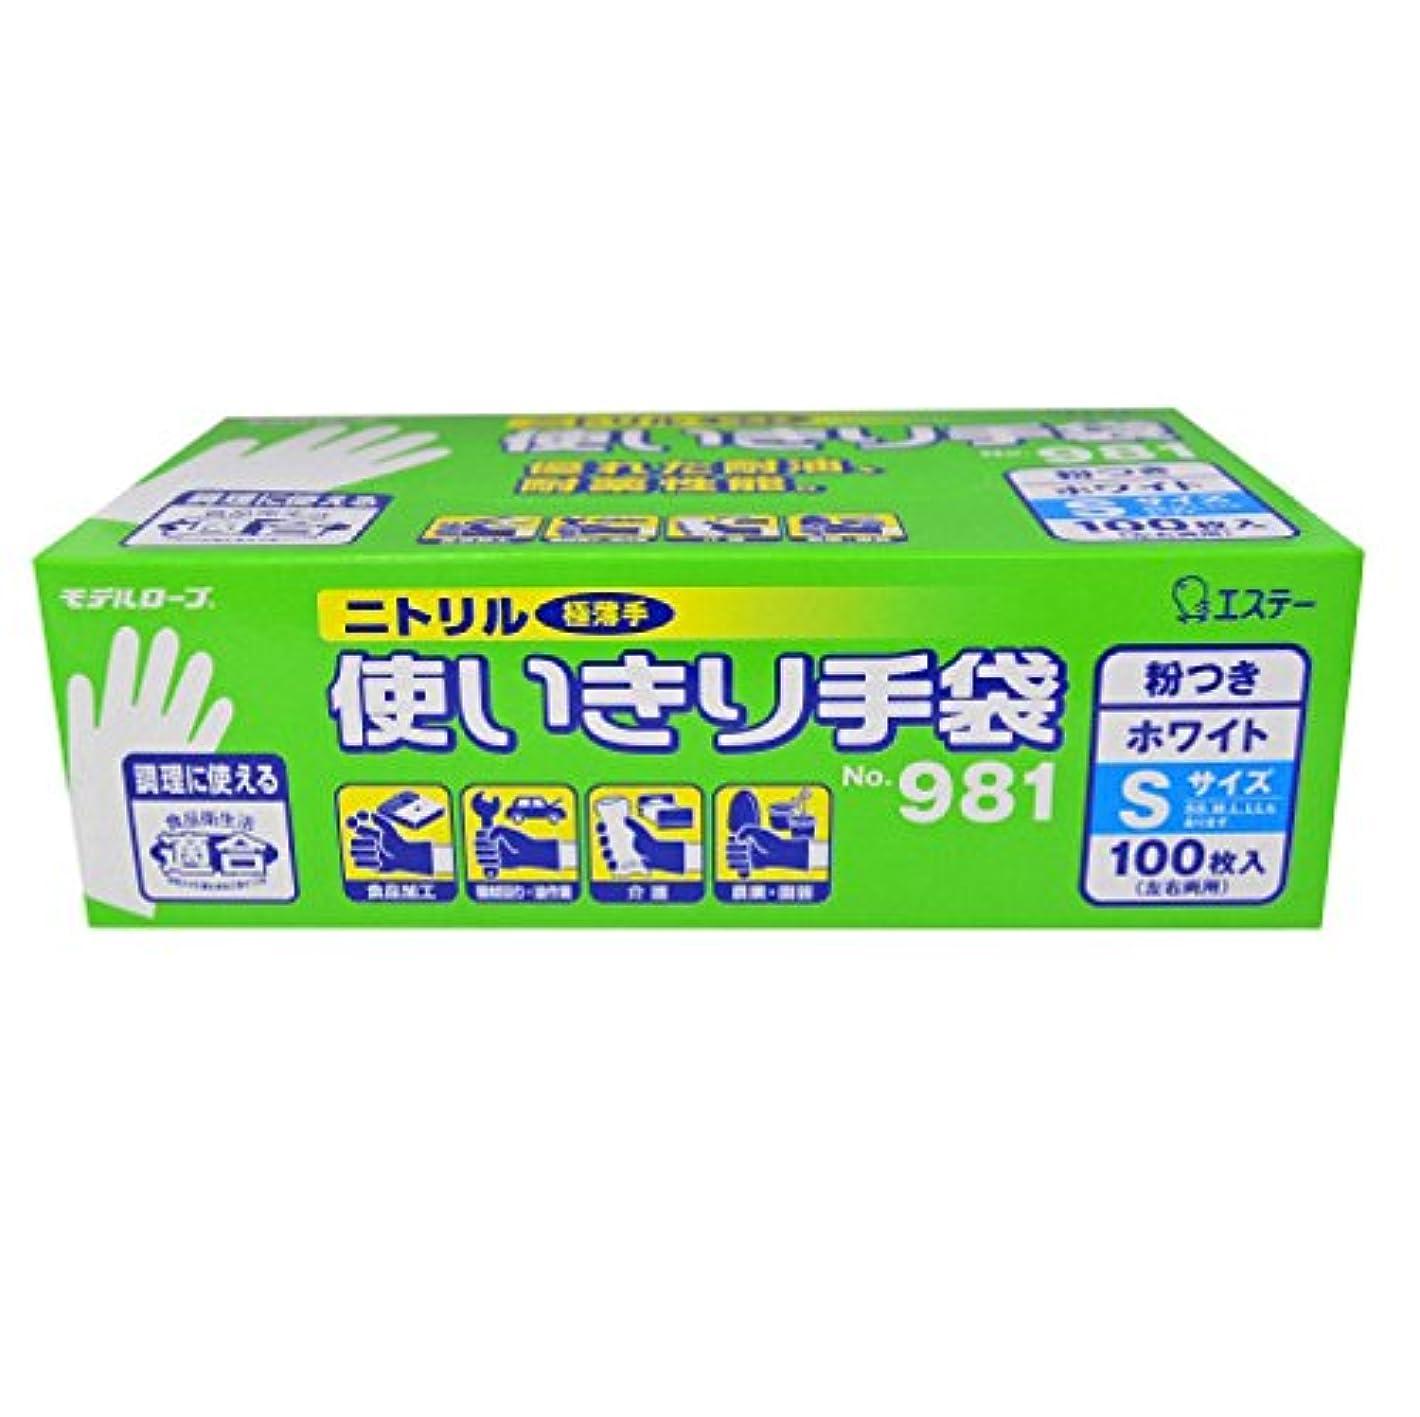 率直な商標水差しエステー/ニトリル使いきり手袋 箱入 (粉つき) [100枚入]/品番:981 サイズ:S カラー:ブルー